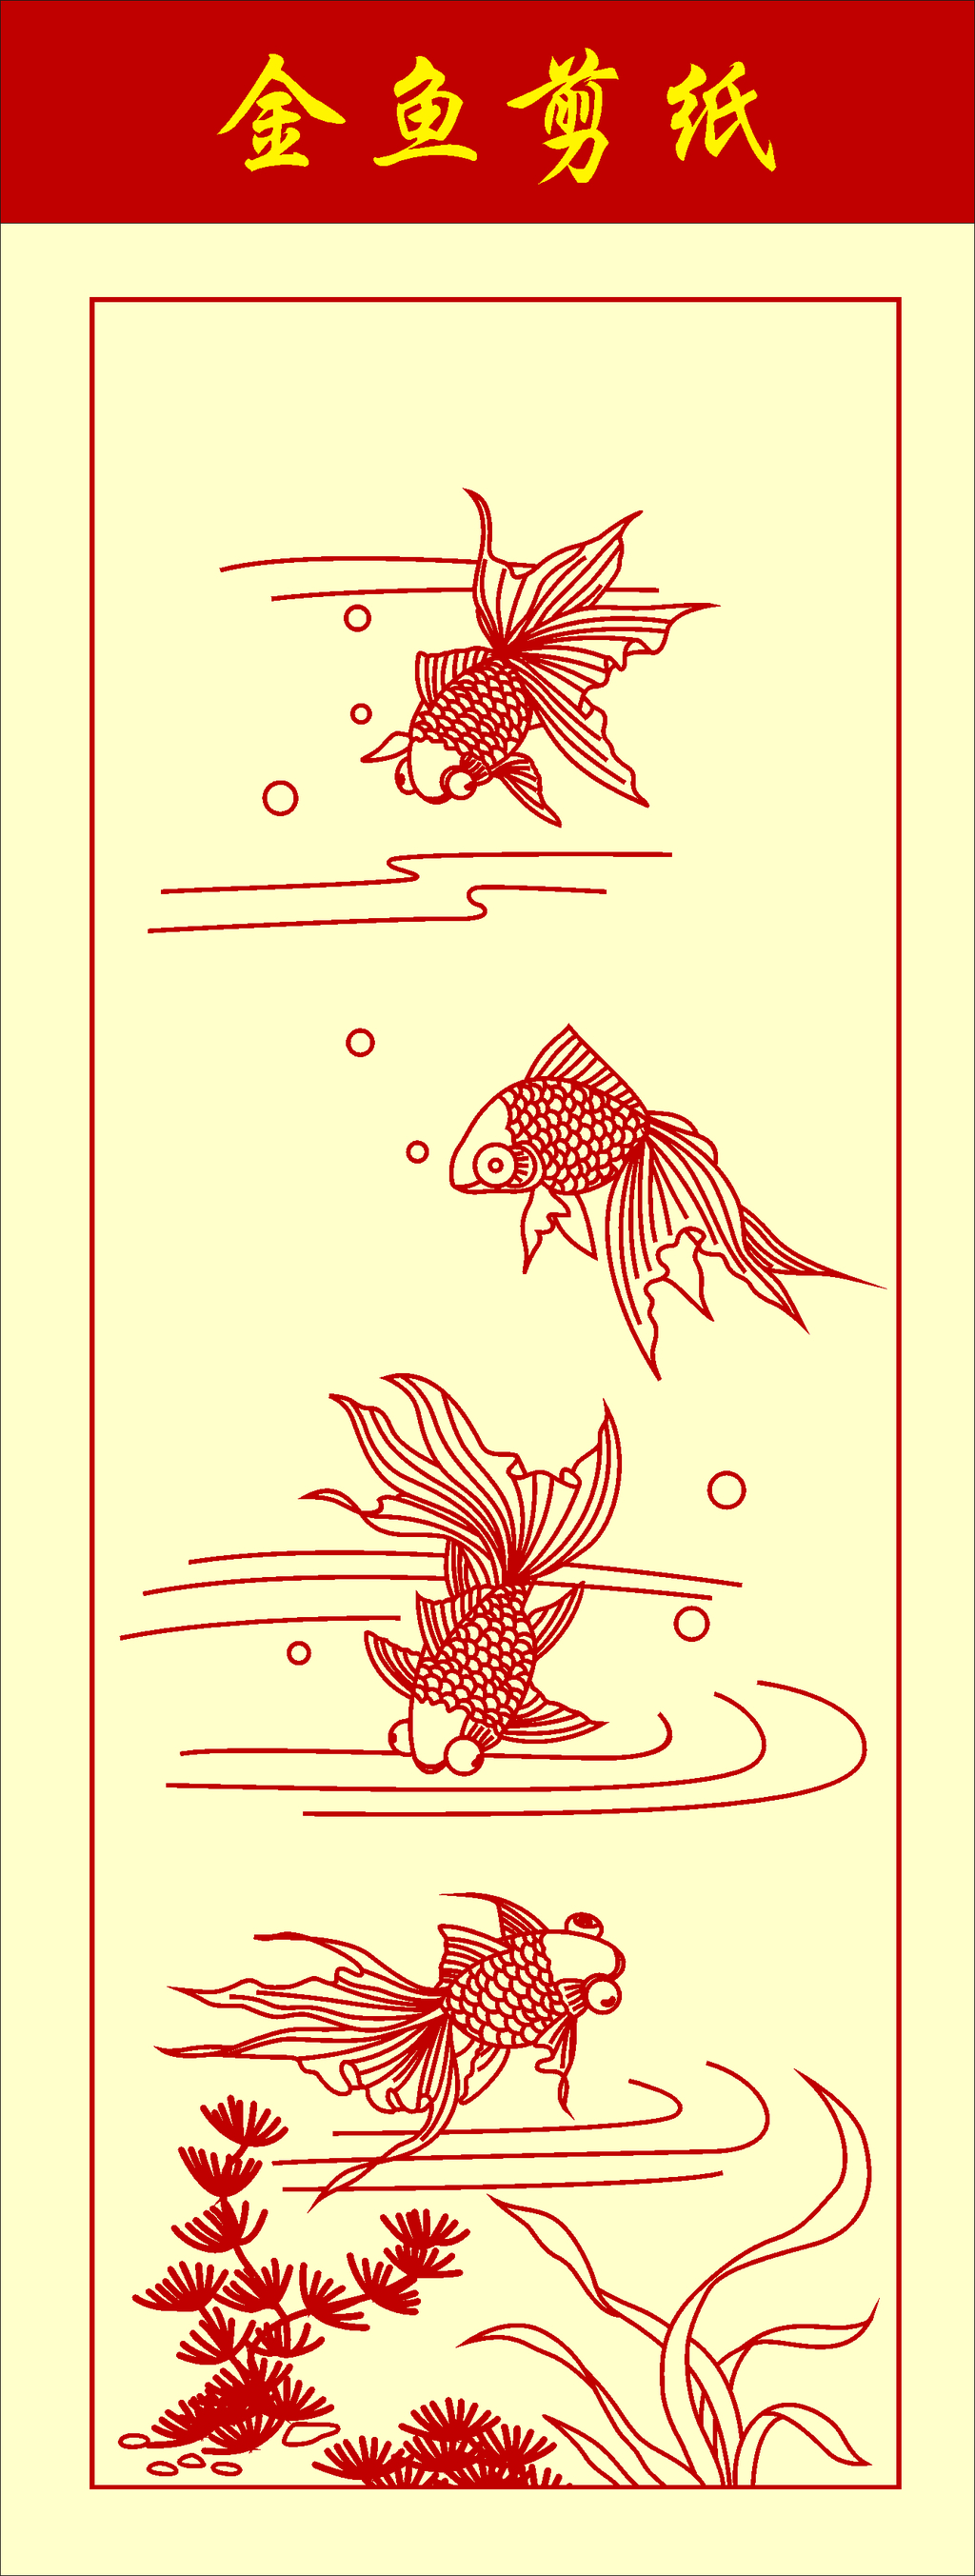 剪纸金鱼 红色剪纸 红色金鱼